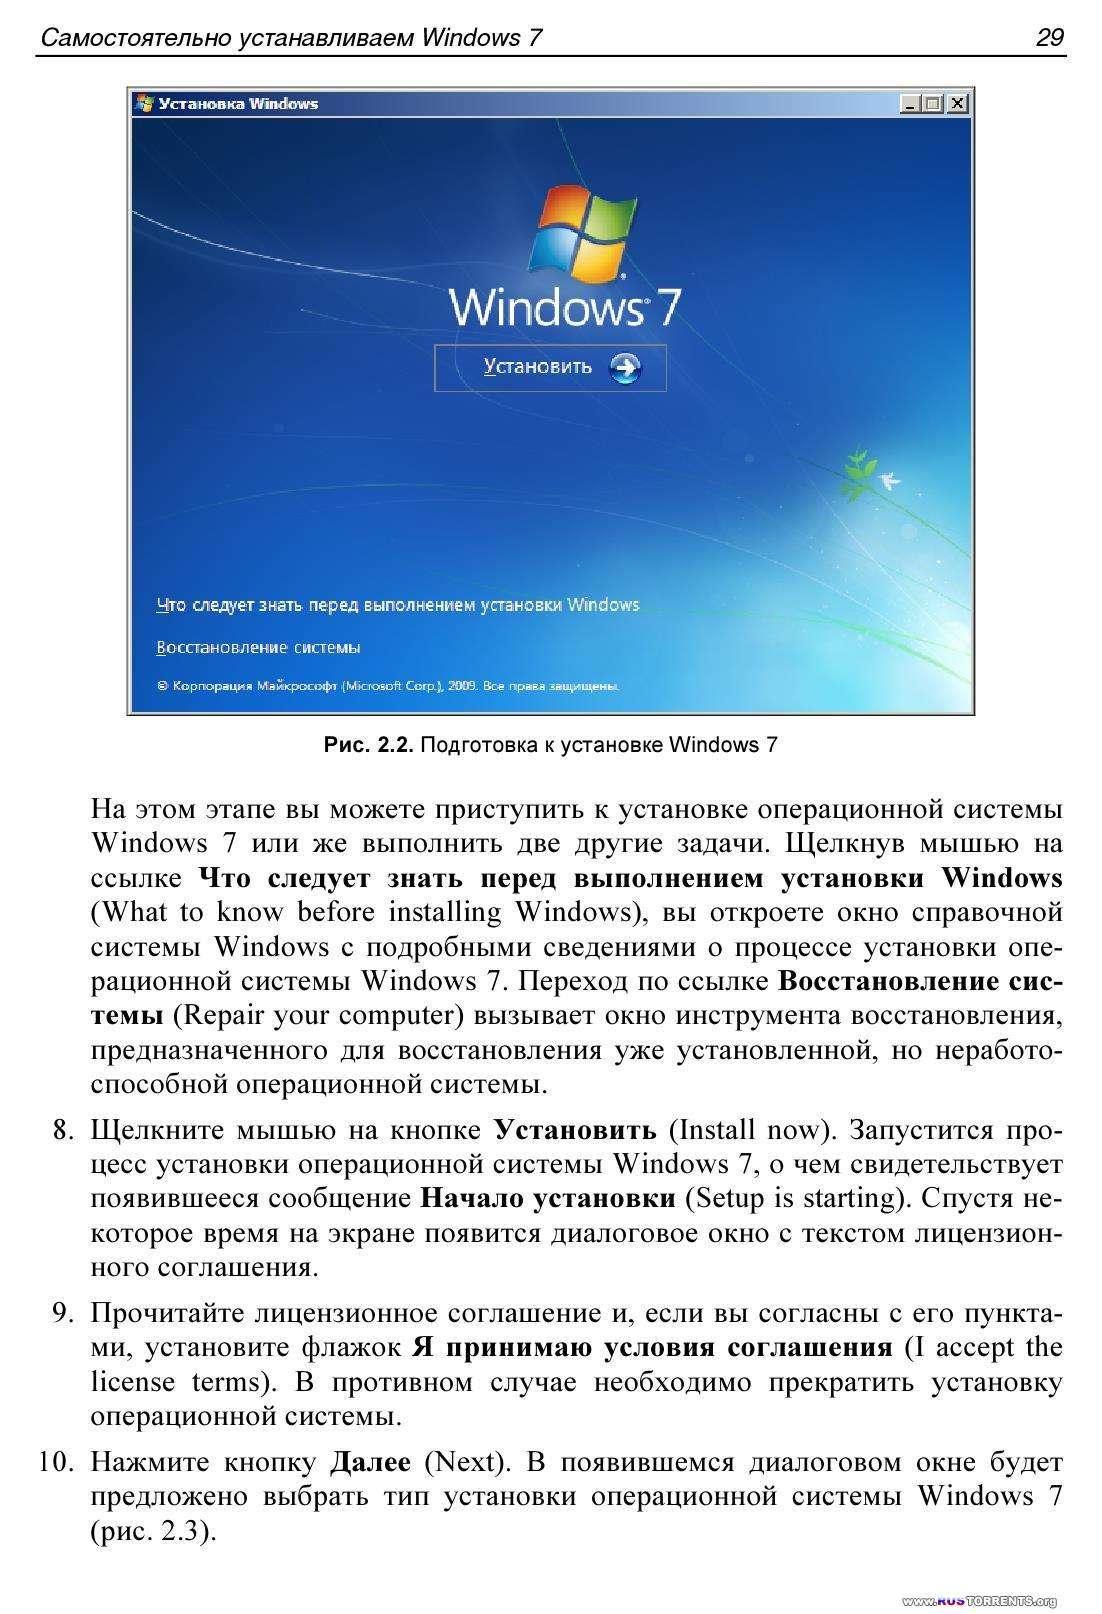 Установка и настройка windows 7 для максимальной производительности | PDF